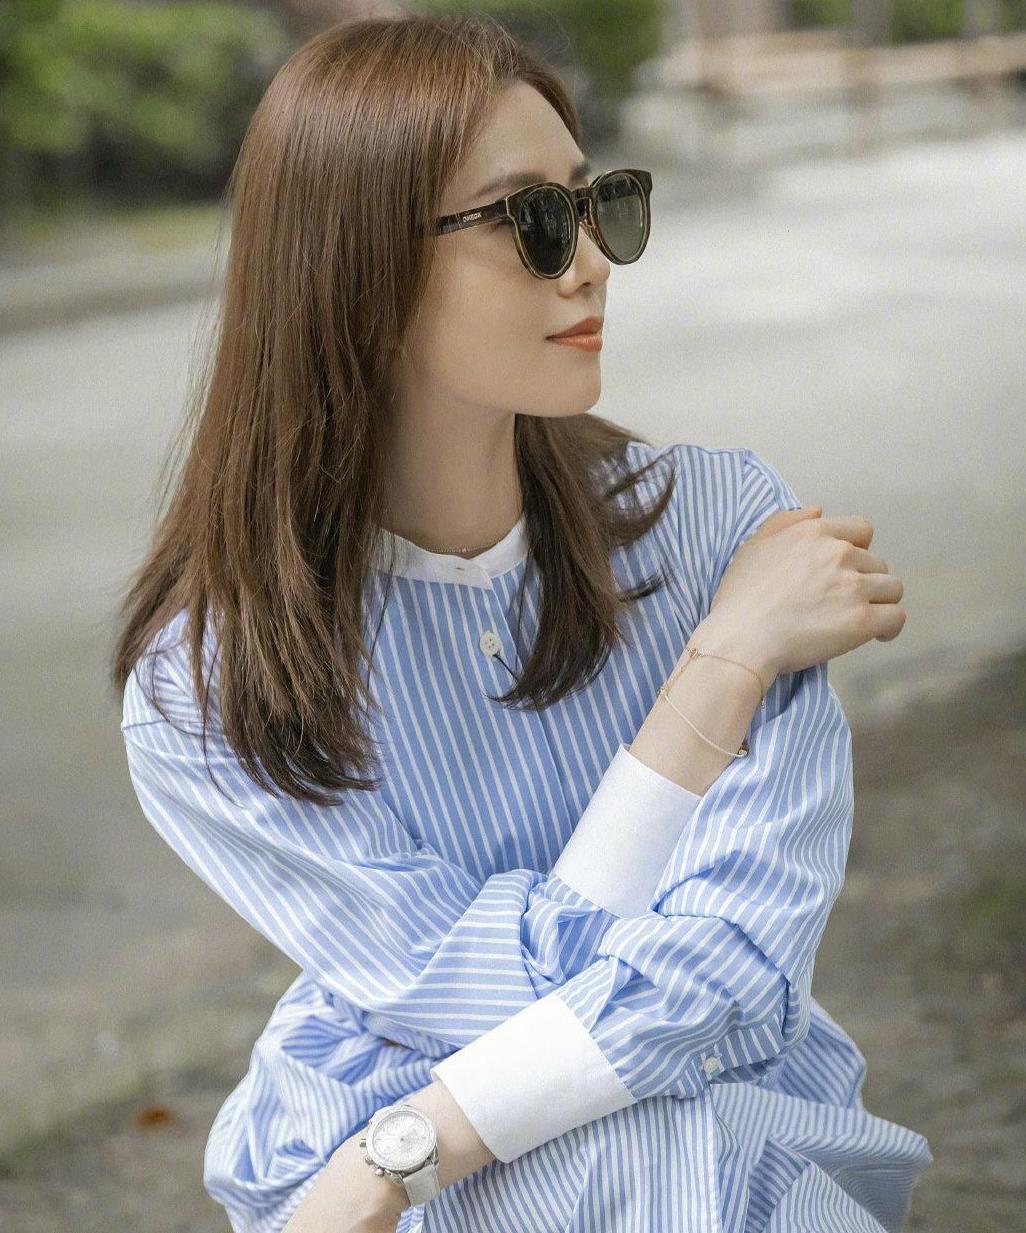 刘诗诗美出新高度,棕色中发搭配浅色条纹衬衣裙,时尚减龄又高级